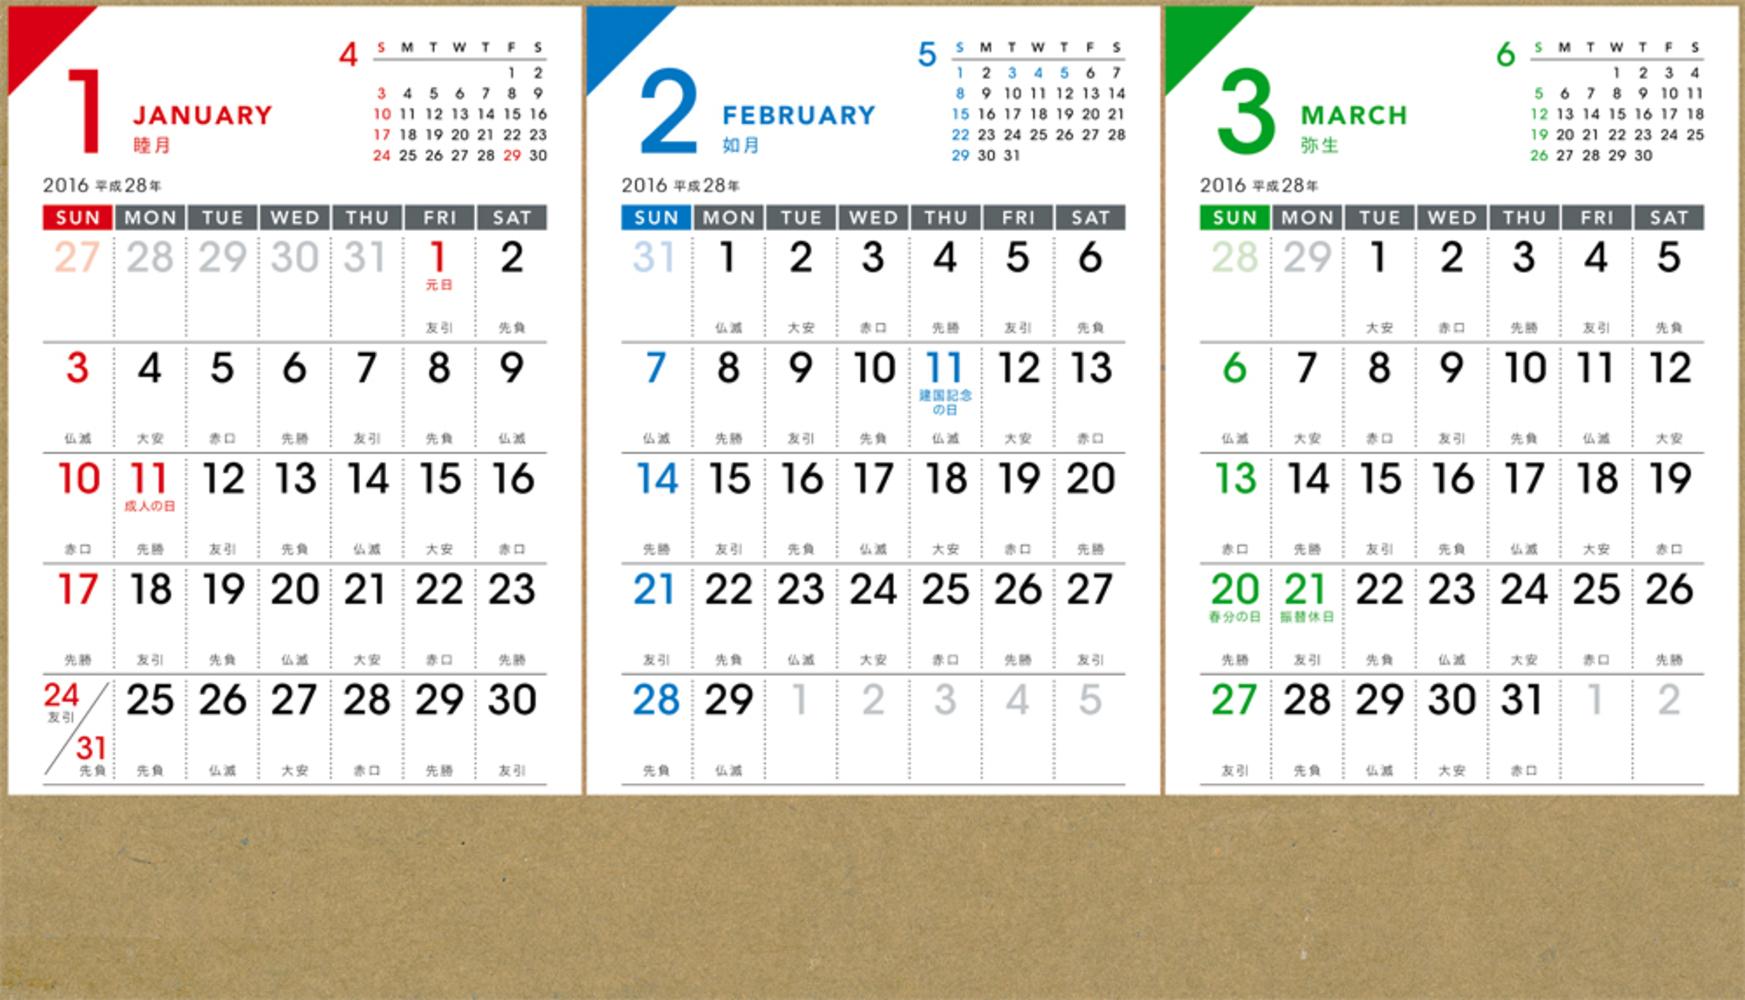 年賀状 2015年年賀状無料素材 : 一目で3ヶ月のスケジュールが ...